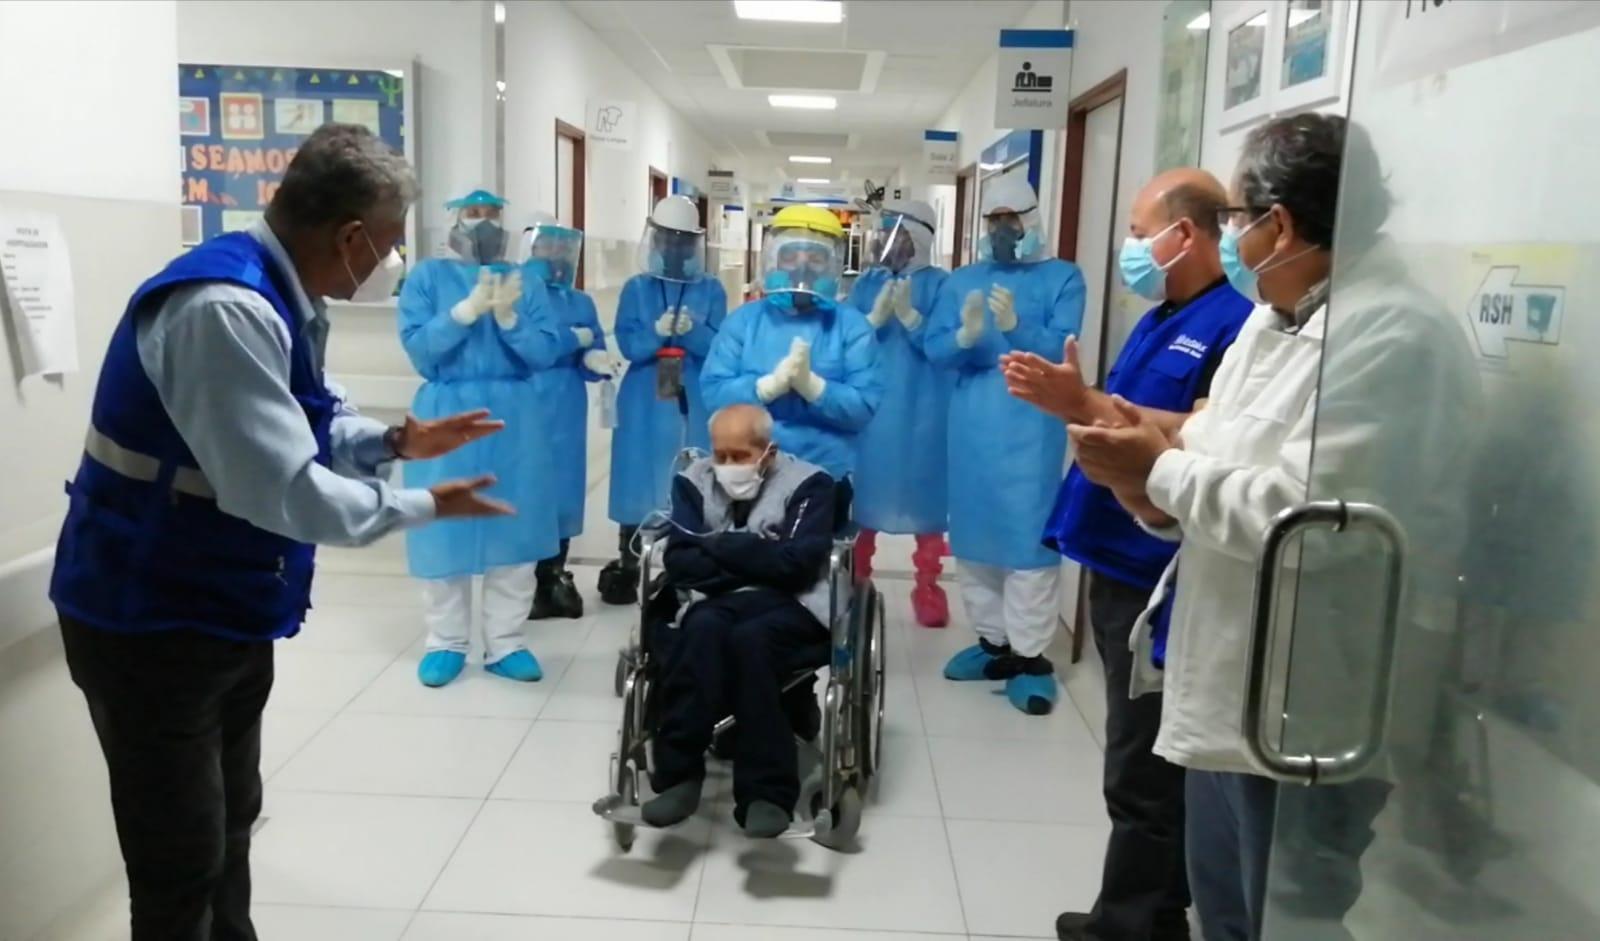 Essalud - En EsSalud Áncash, chimbotano de 104 años recibe alta médica tras vencer al Covid-19